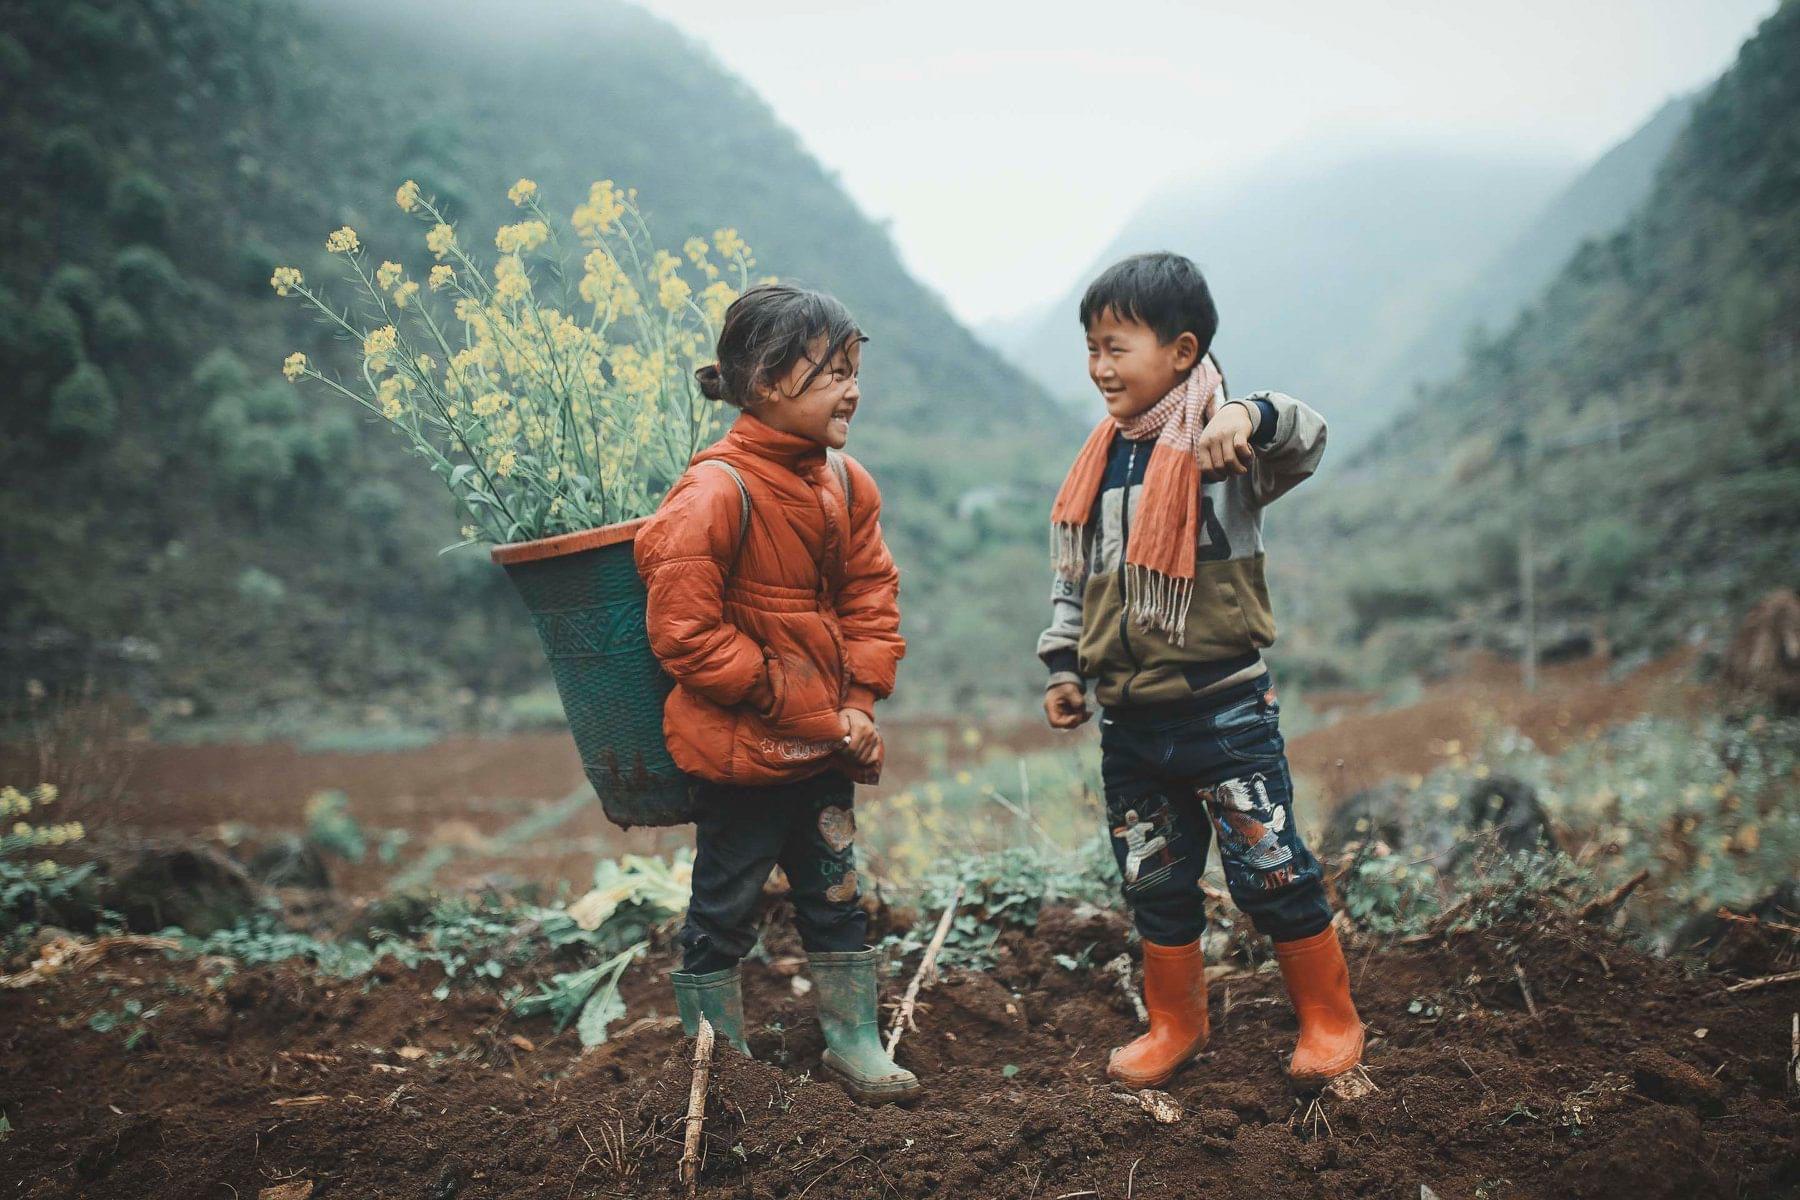 2 bé HMông cặm cụi cuốc đất, gieo hạt phụ bố mẹ và nụ cười khiến bao người tan chảy - Ảnh 1.